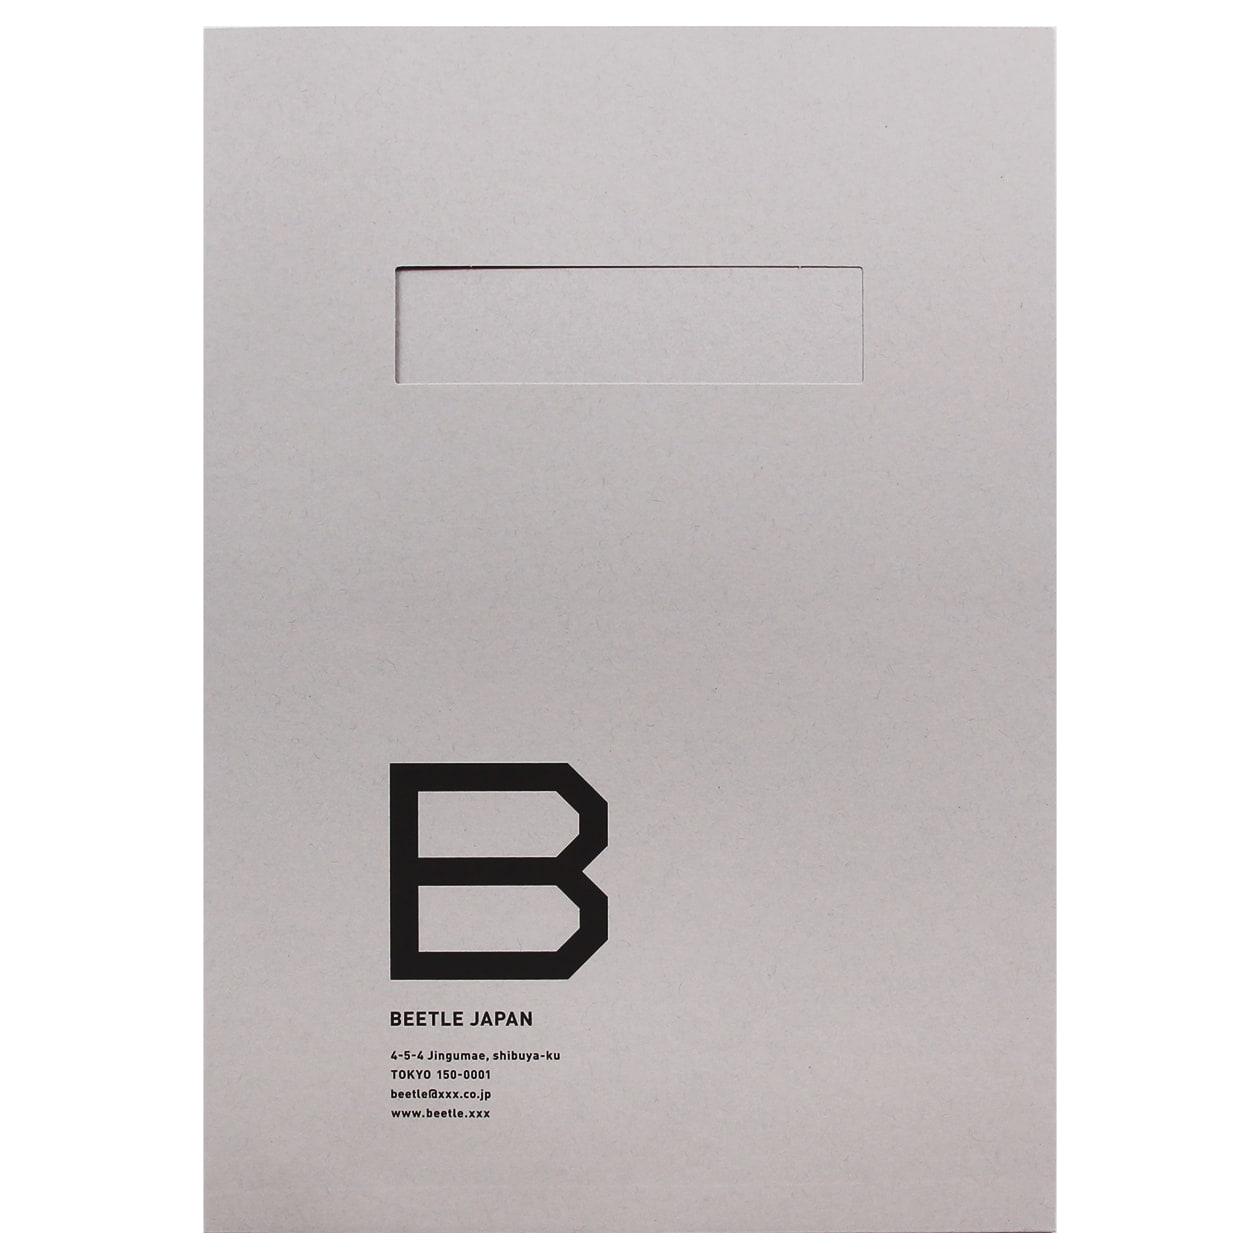 サンプル 封筒・袋 00160